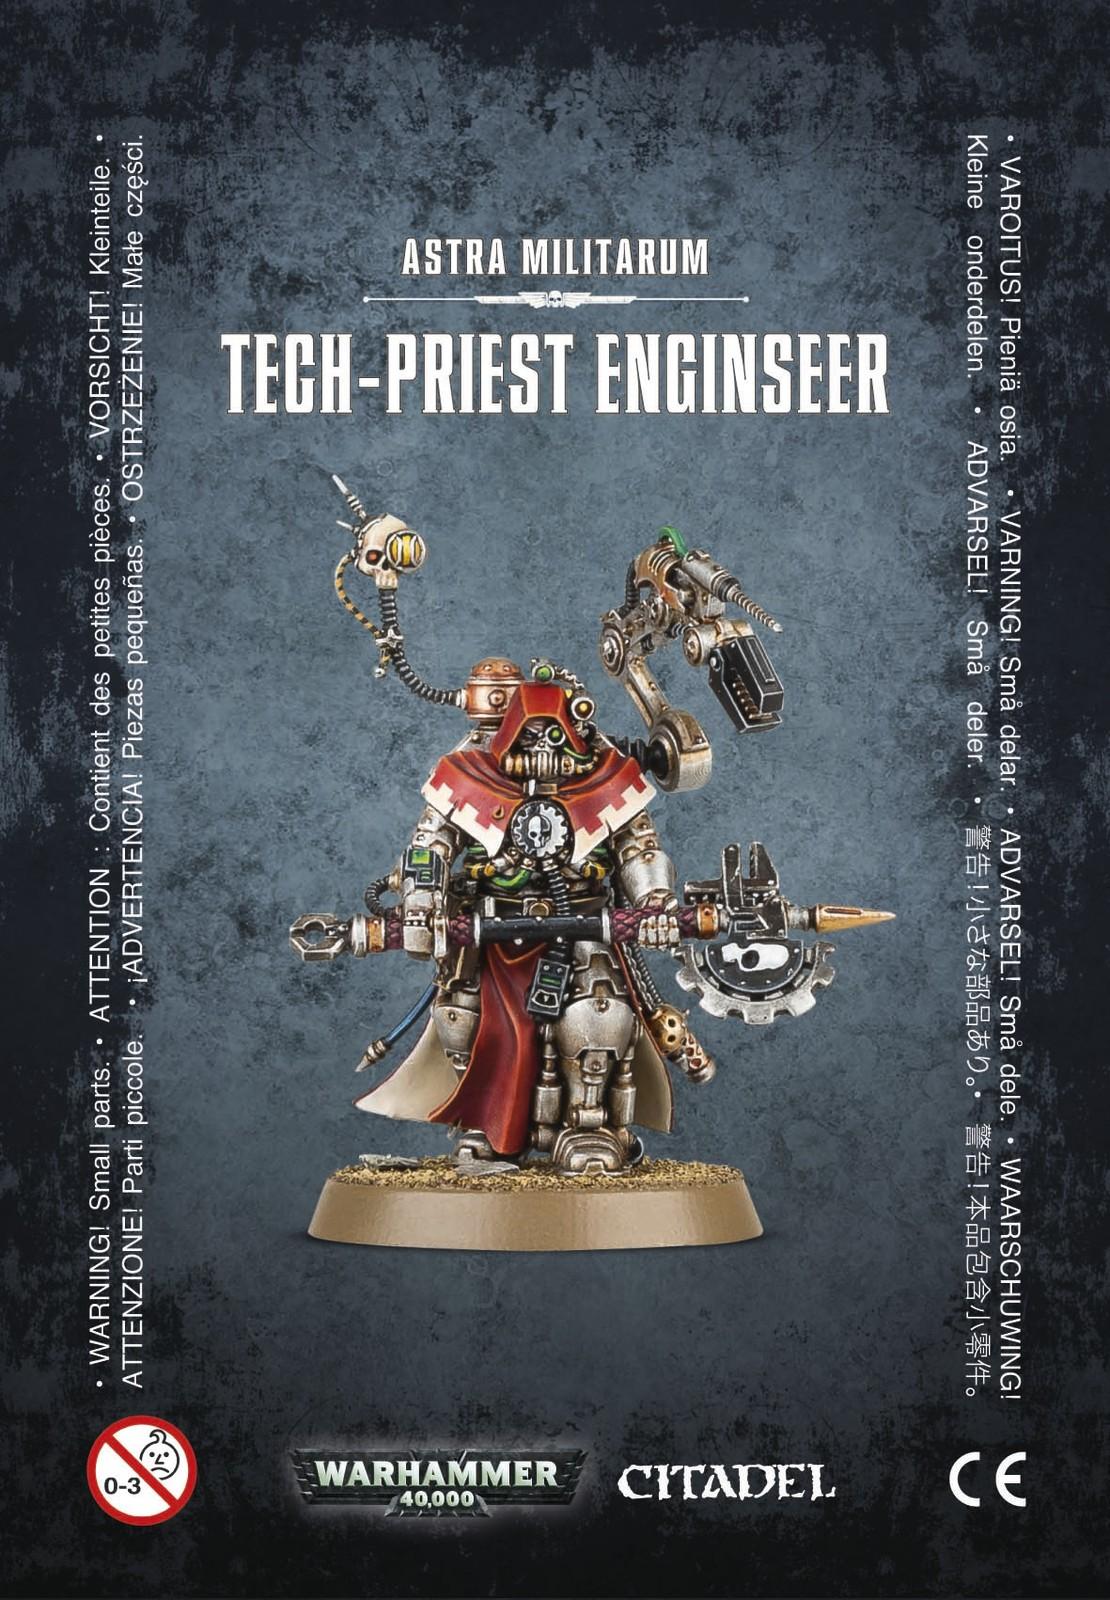 Warhammer 40,000 Astra Militarum Tech-Priest Enginseer image